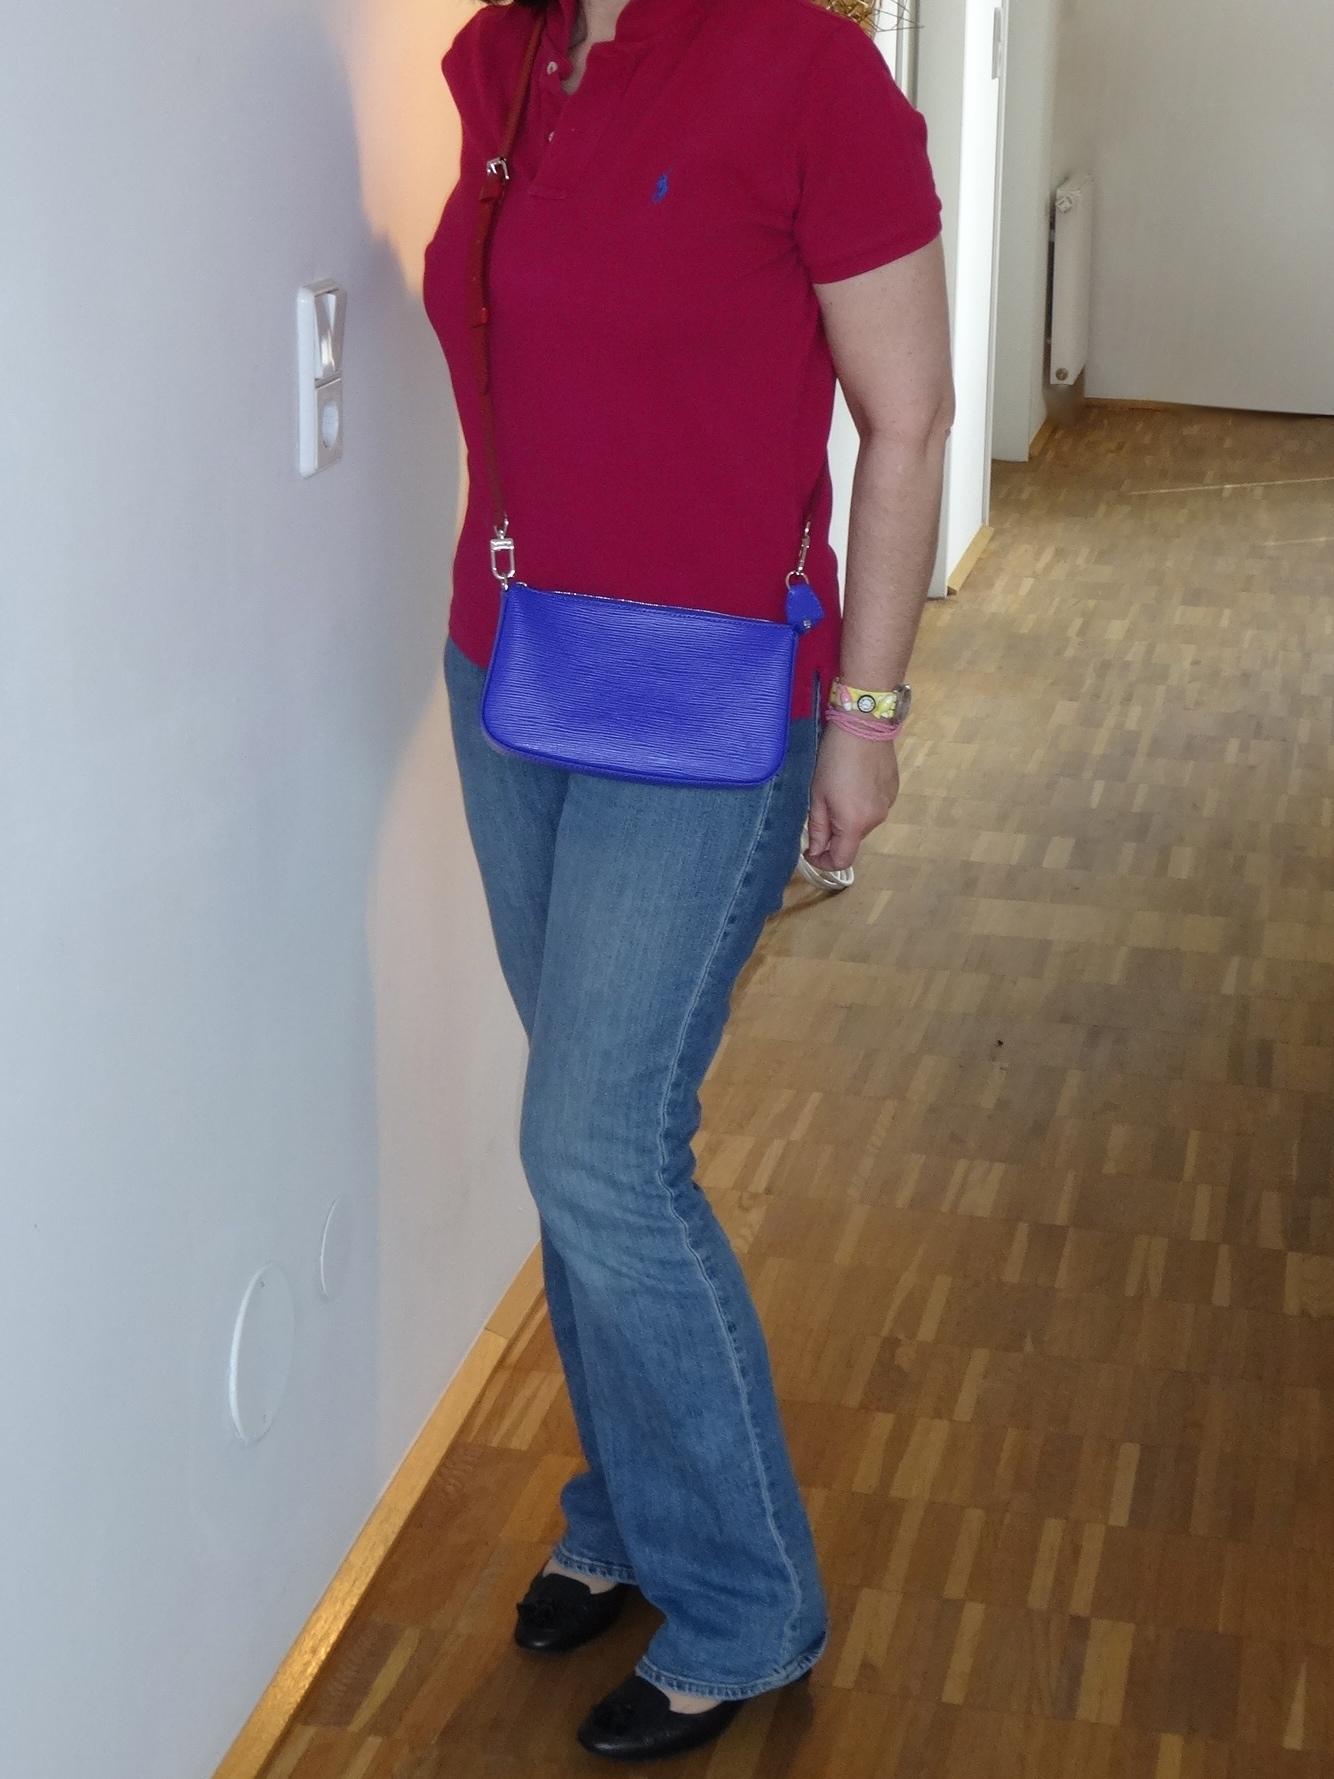 Pochette Accessoires NM in  figue mit langem verstellbaren Schulterriemen